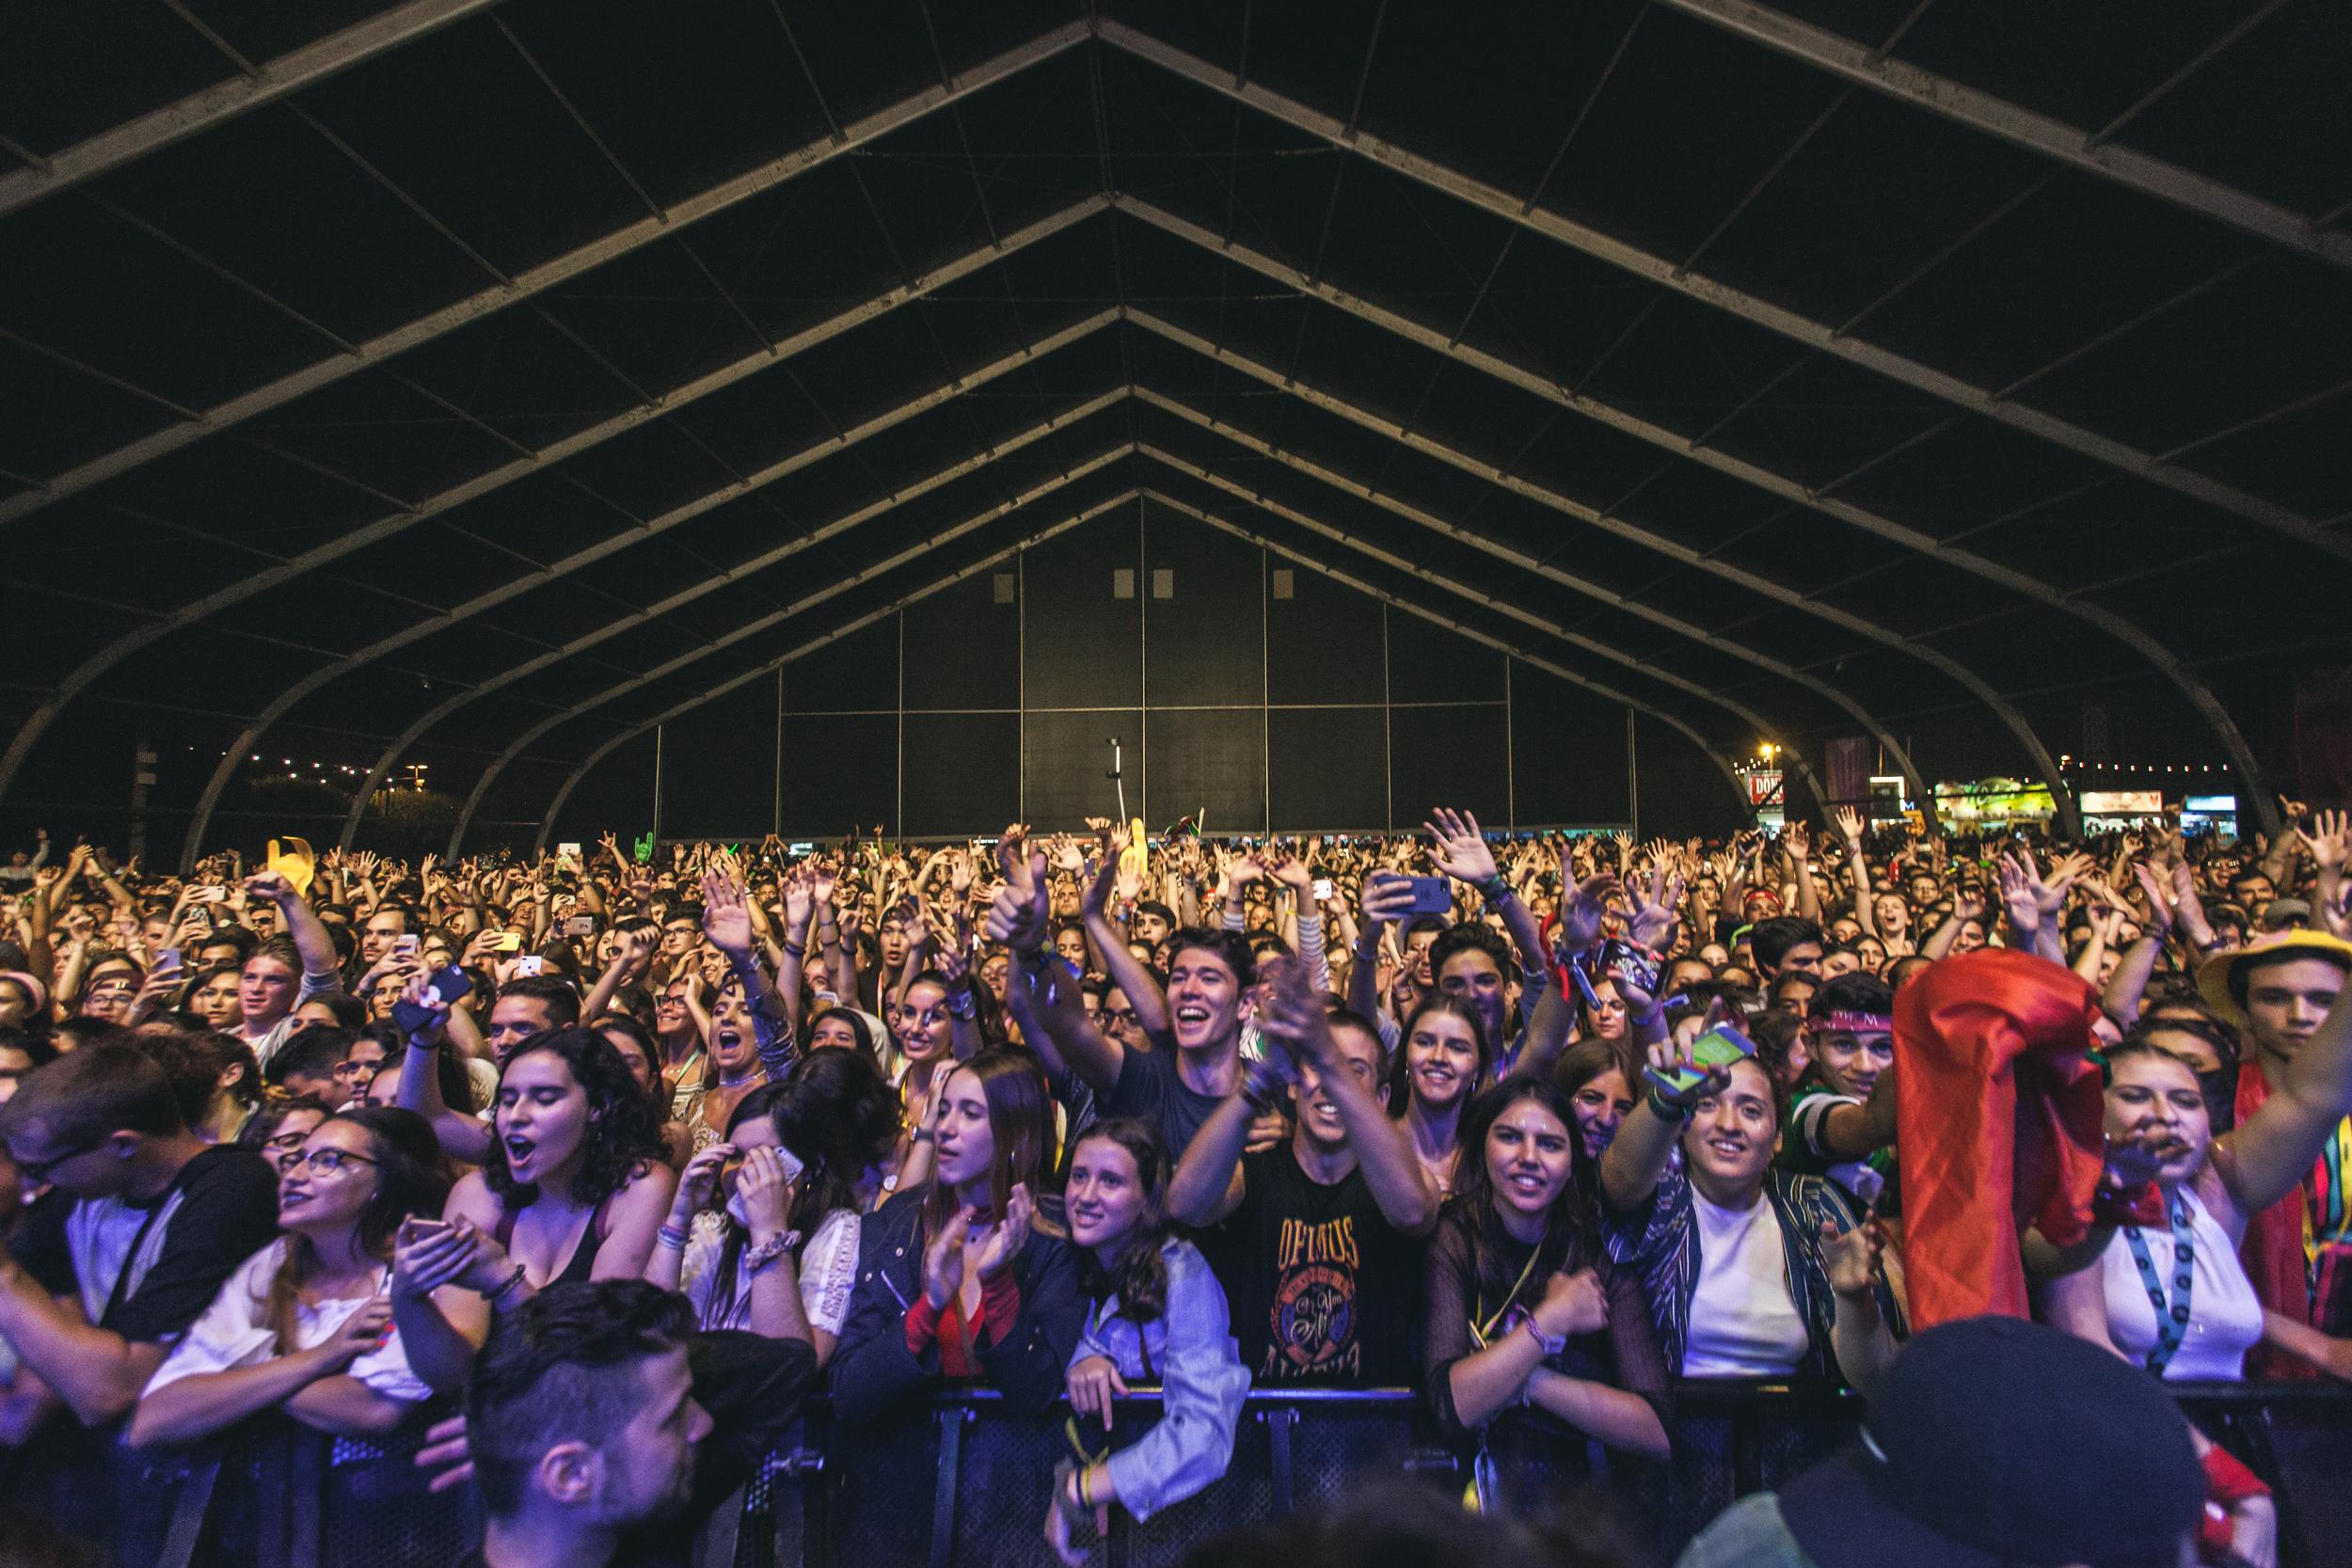 The crowd inside the Sagres stage. Credit: Jose Fernandes